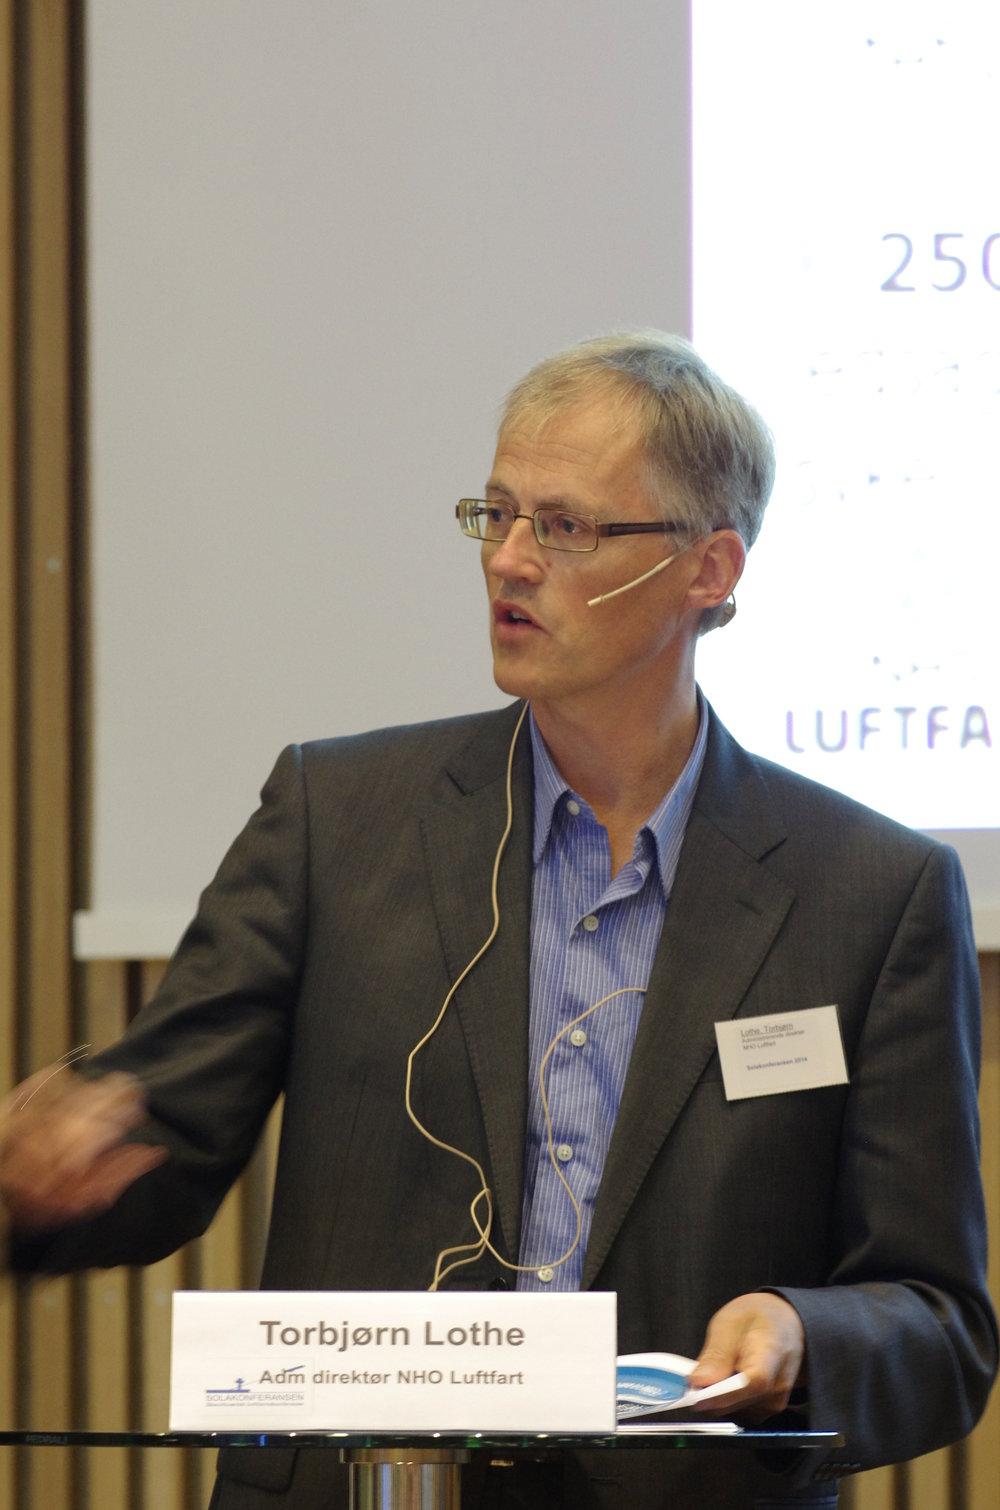 Torbjørn Lothe (2).JPG